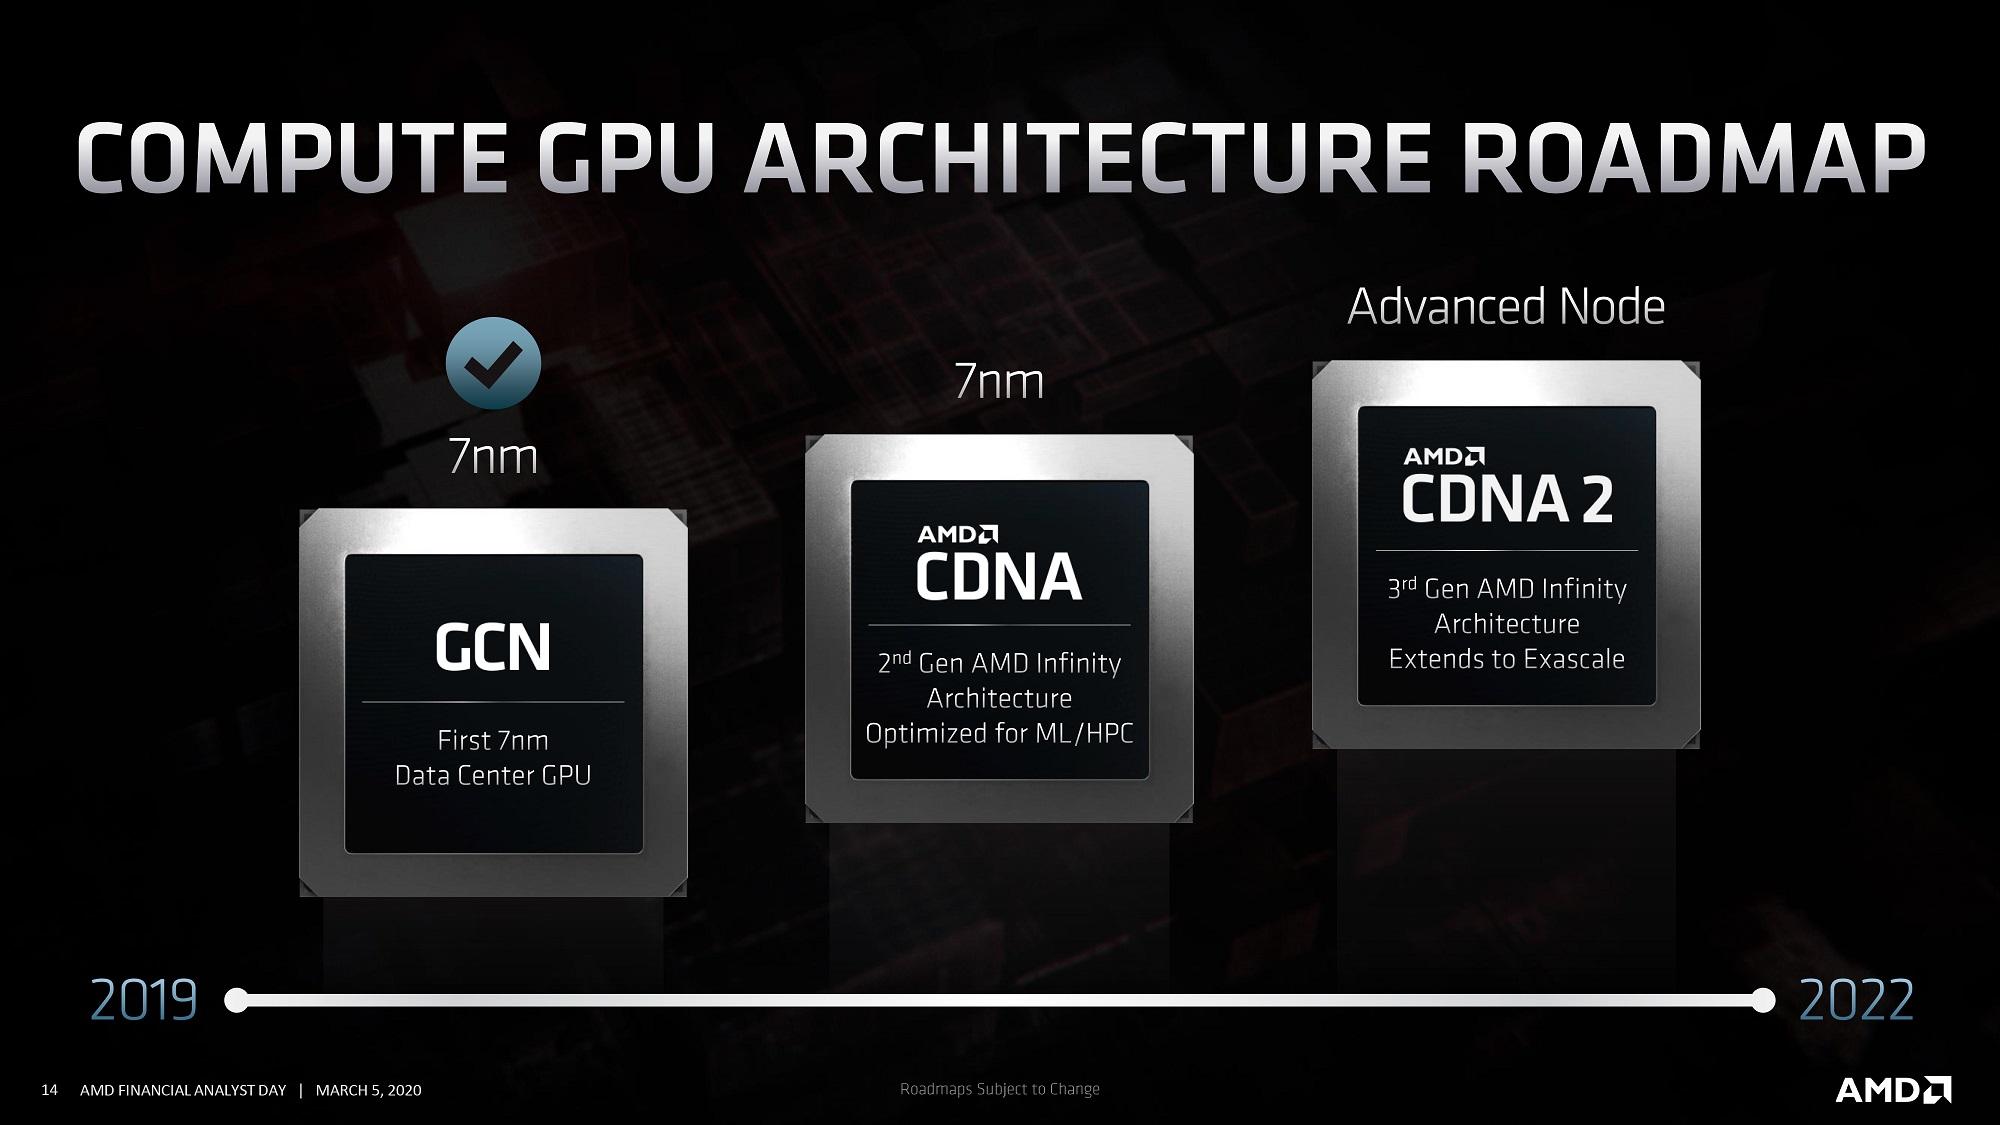 Процессор AMD Aldebaran для ускорителя Instinct MI200 содержит два GPU-кристалла